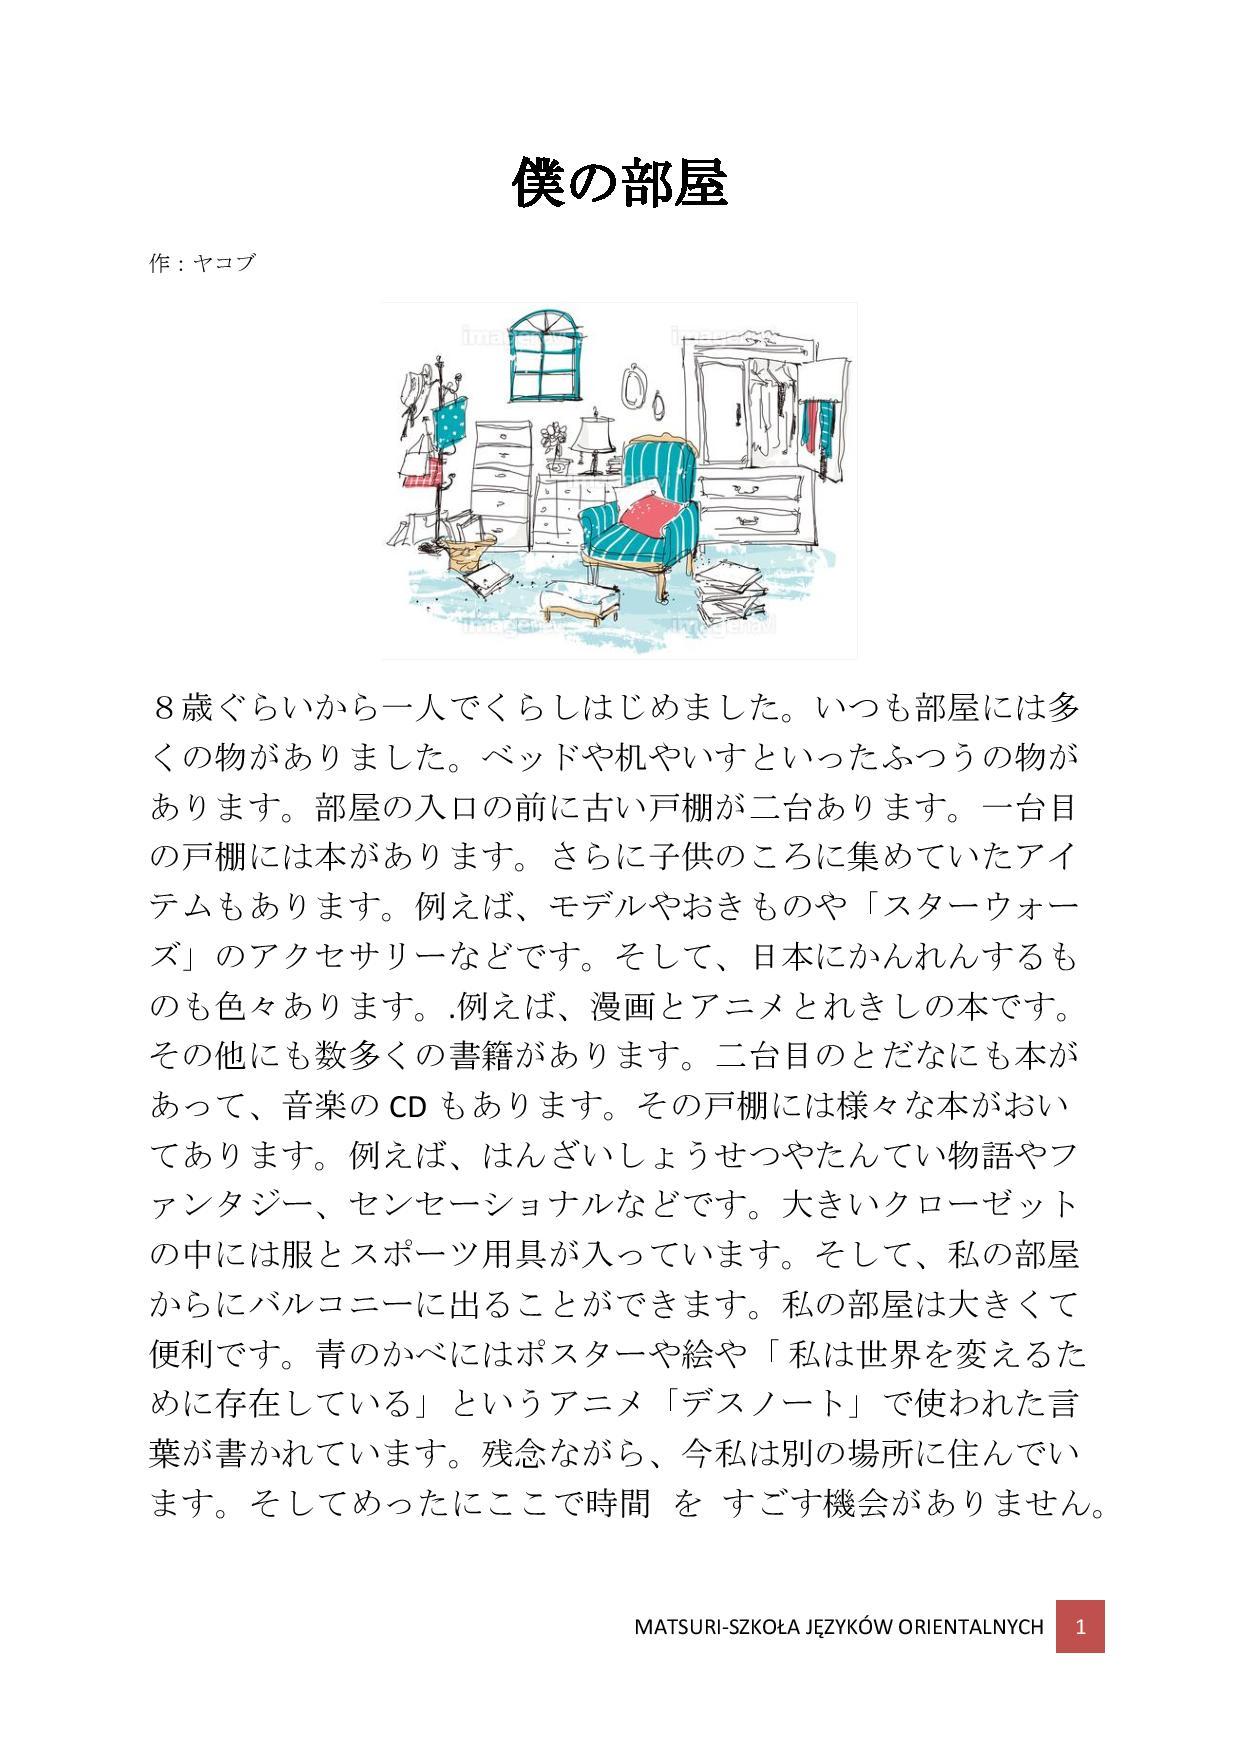 僕の部屋-page-001